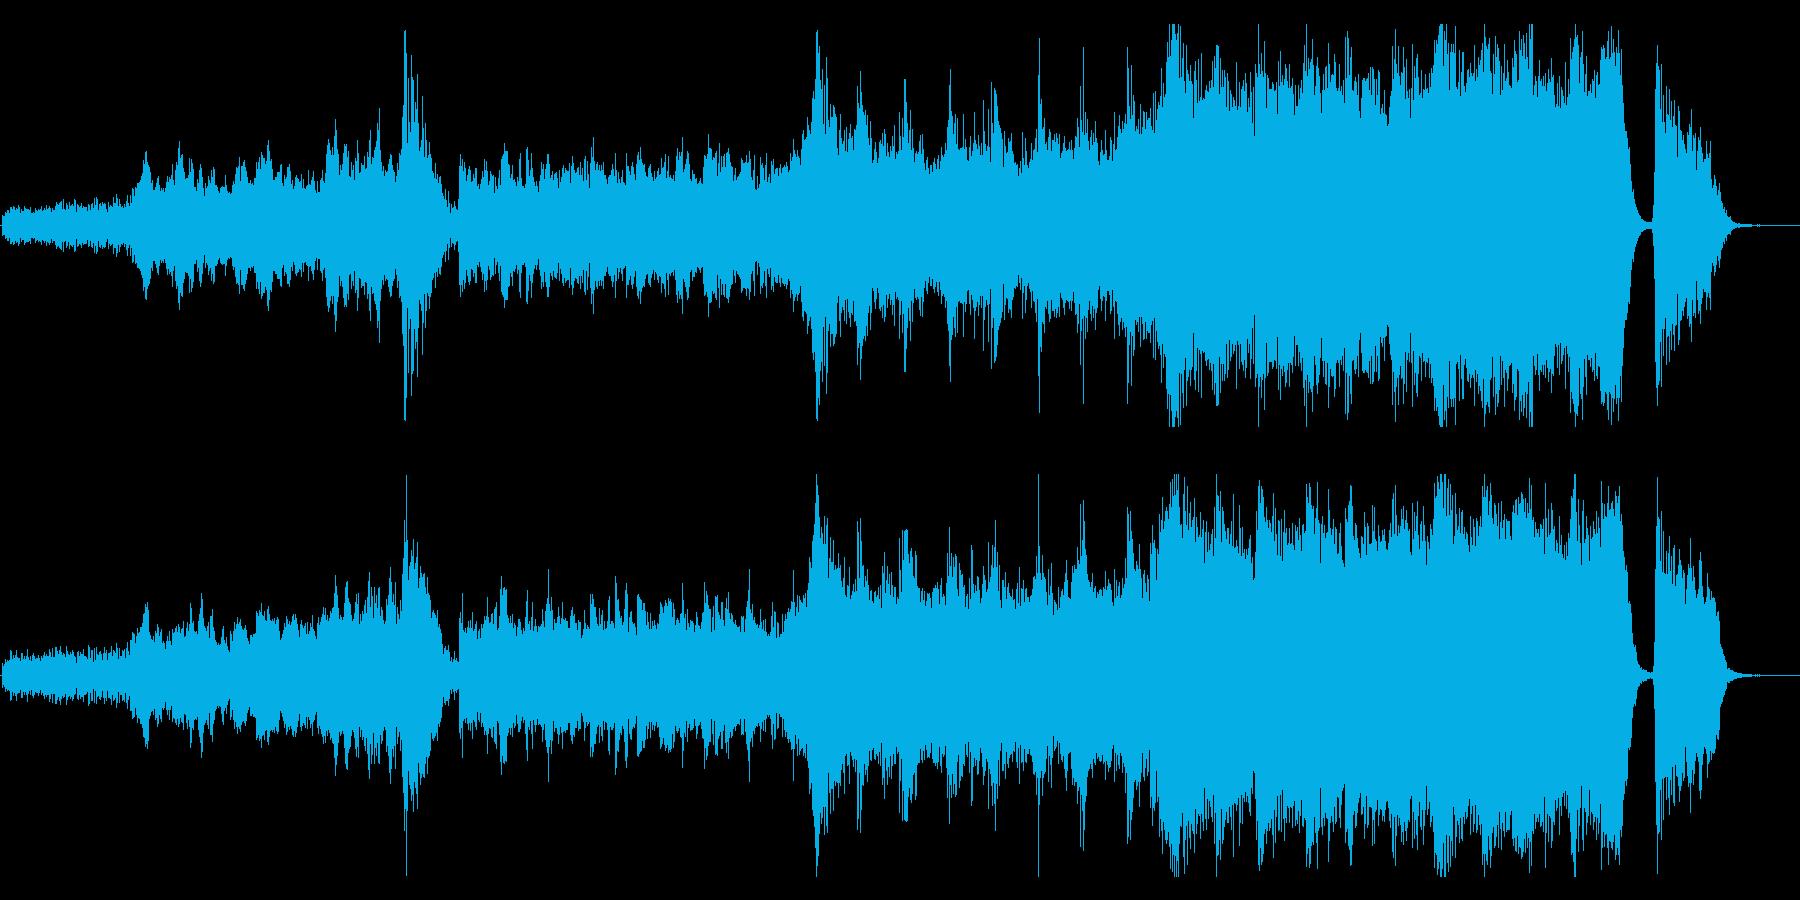 感動が最高潮に達するハイブリッドなオケ1の再生済みの波形